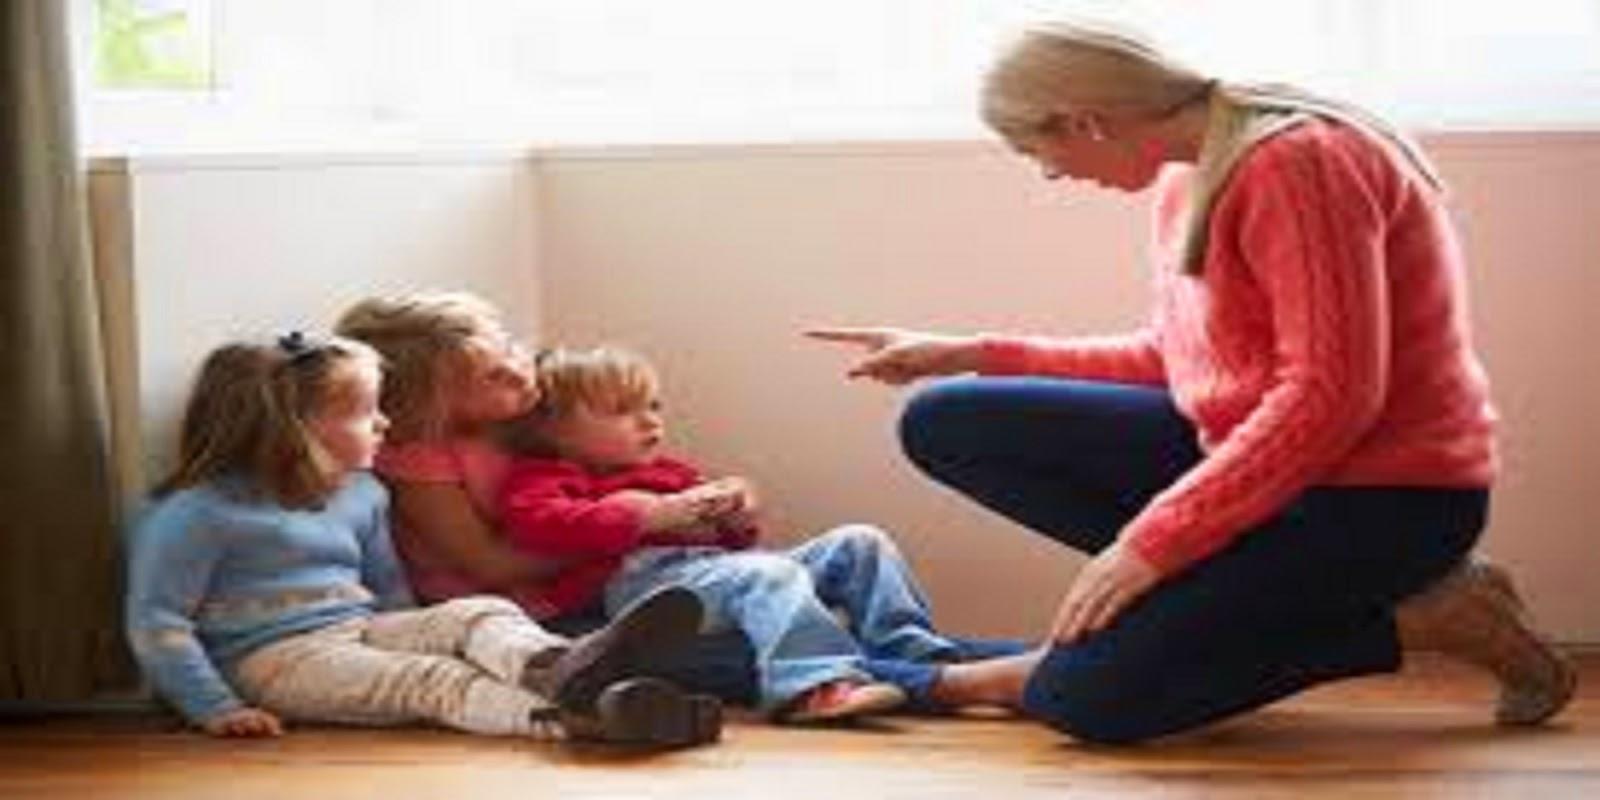 Informar a una madre adolescente inapropiada